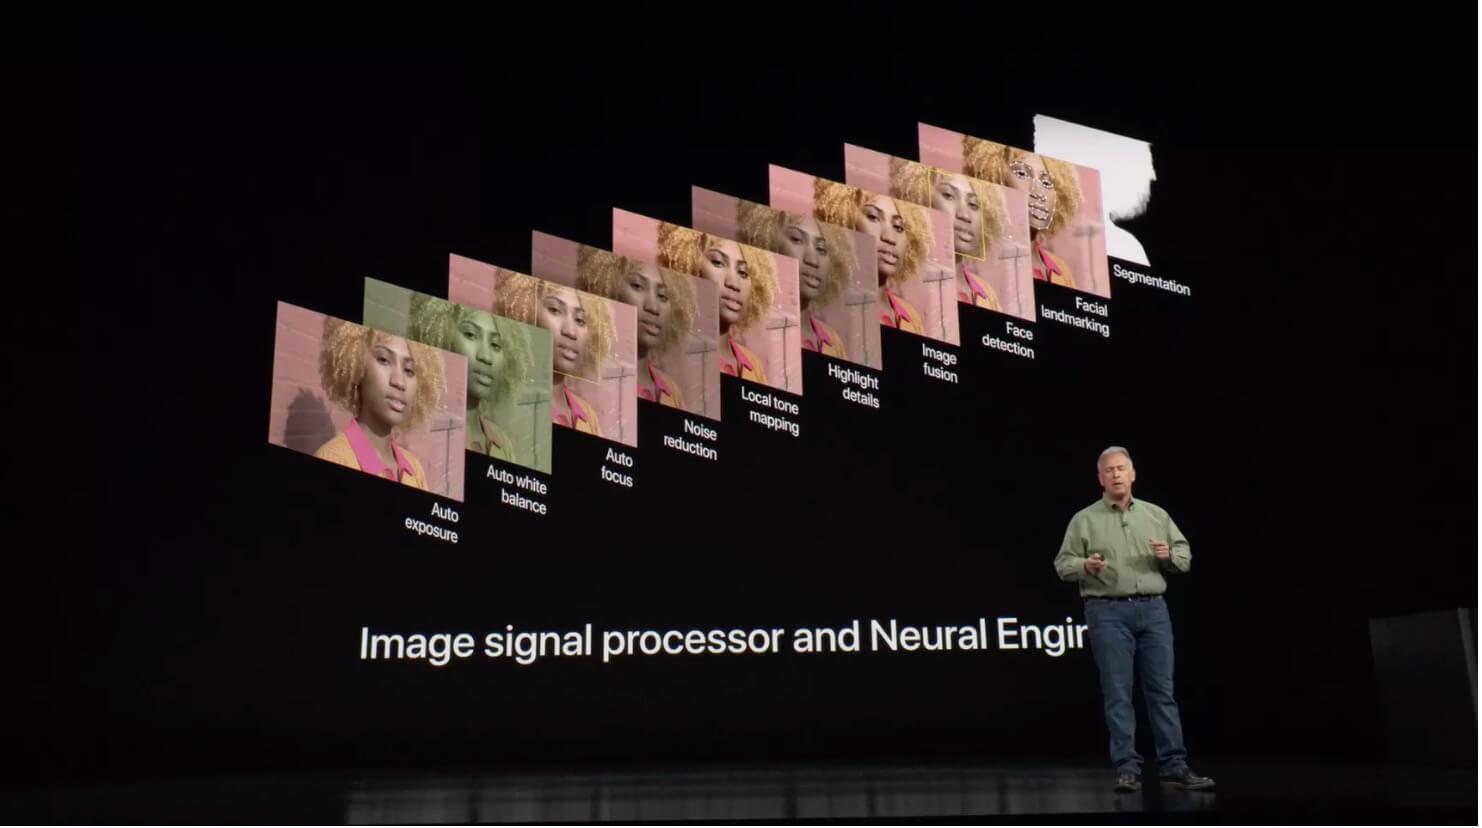 L'Intelligenza Artificiale sta rivoluzionando la fotografia digitale